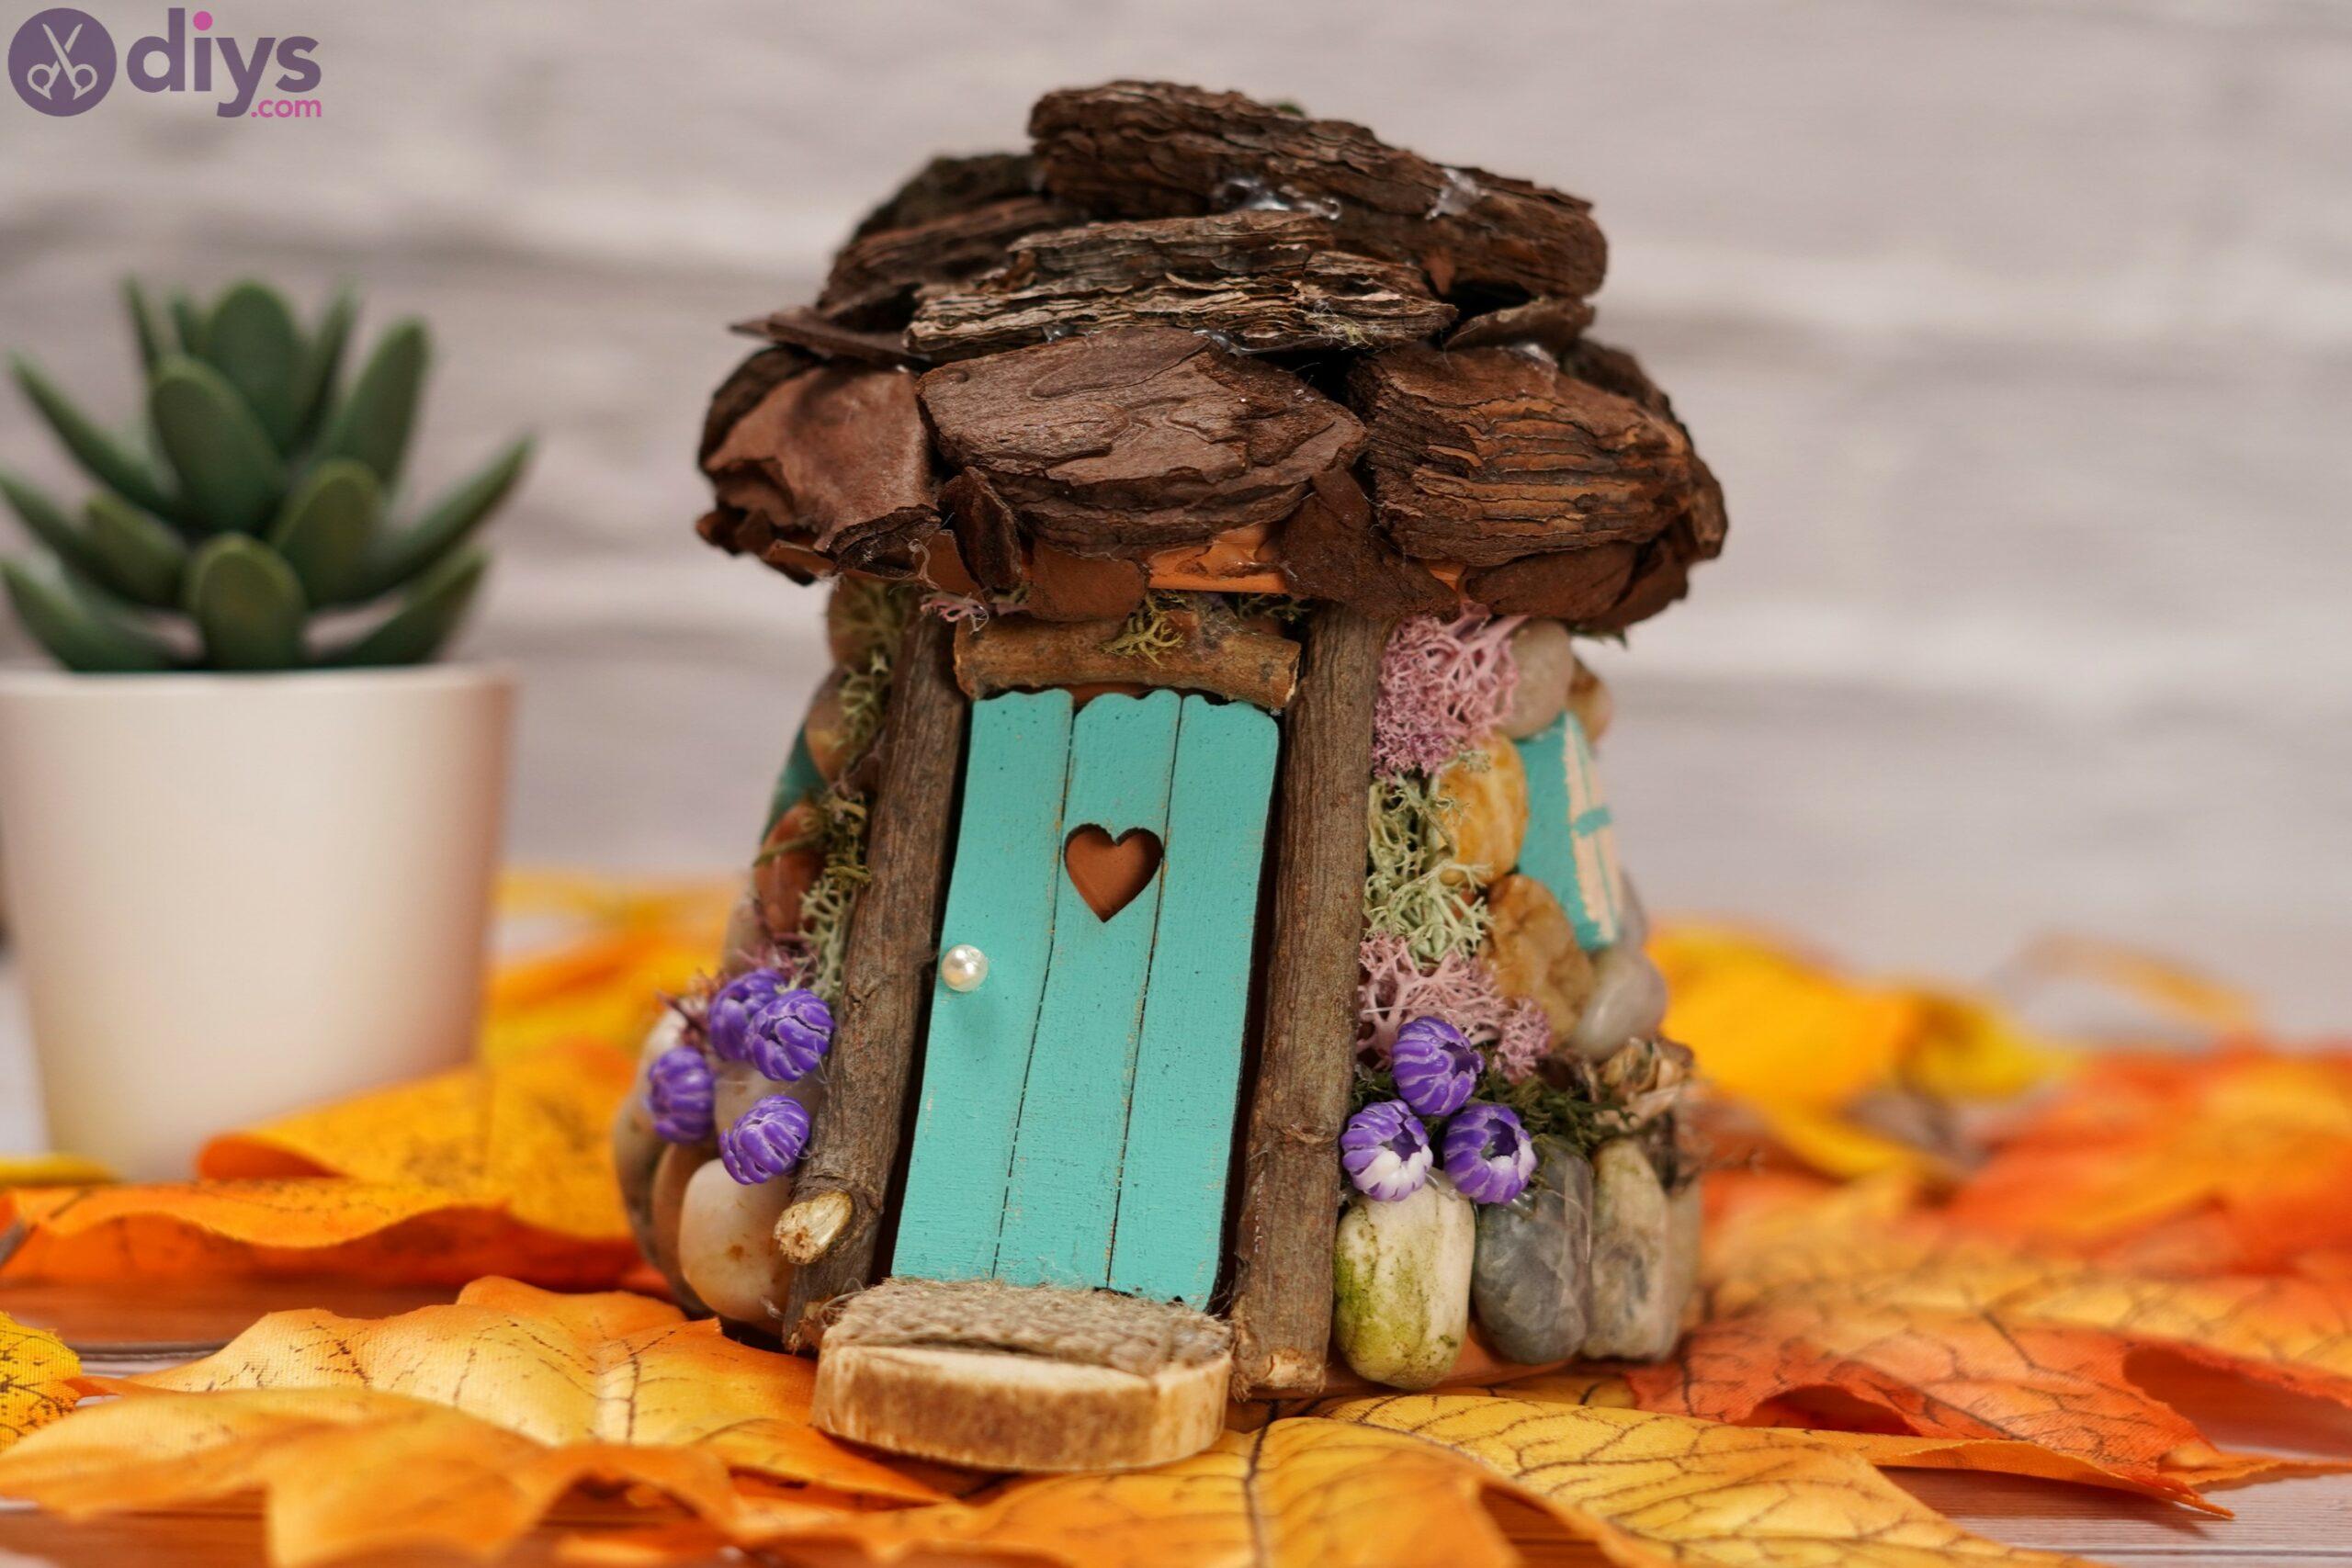 Tiny garden house photos (4)